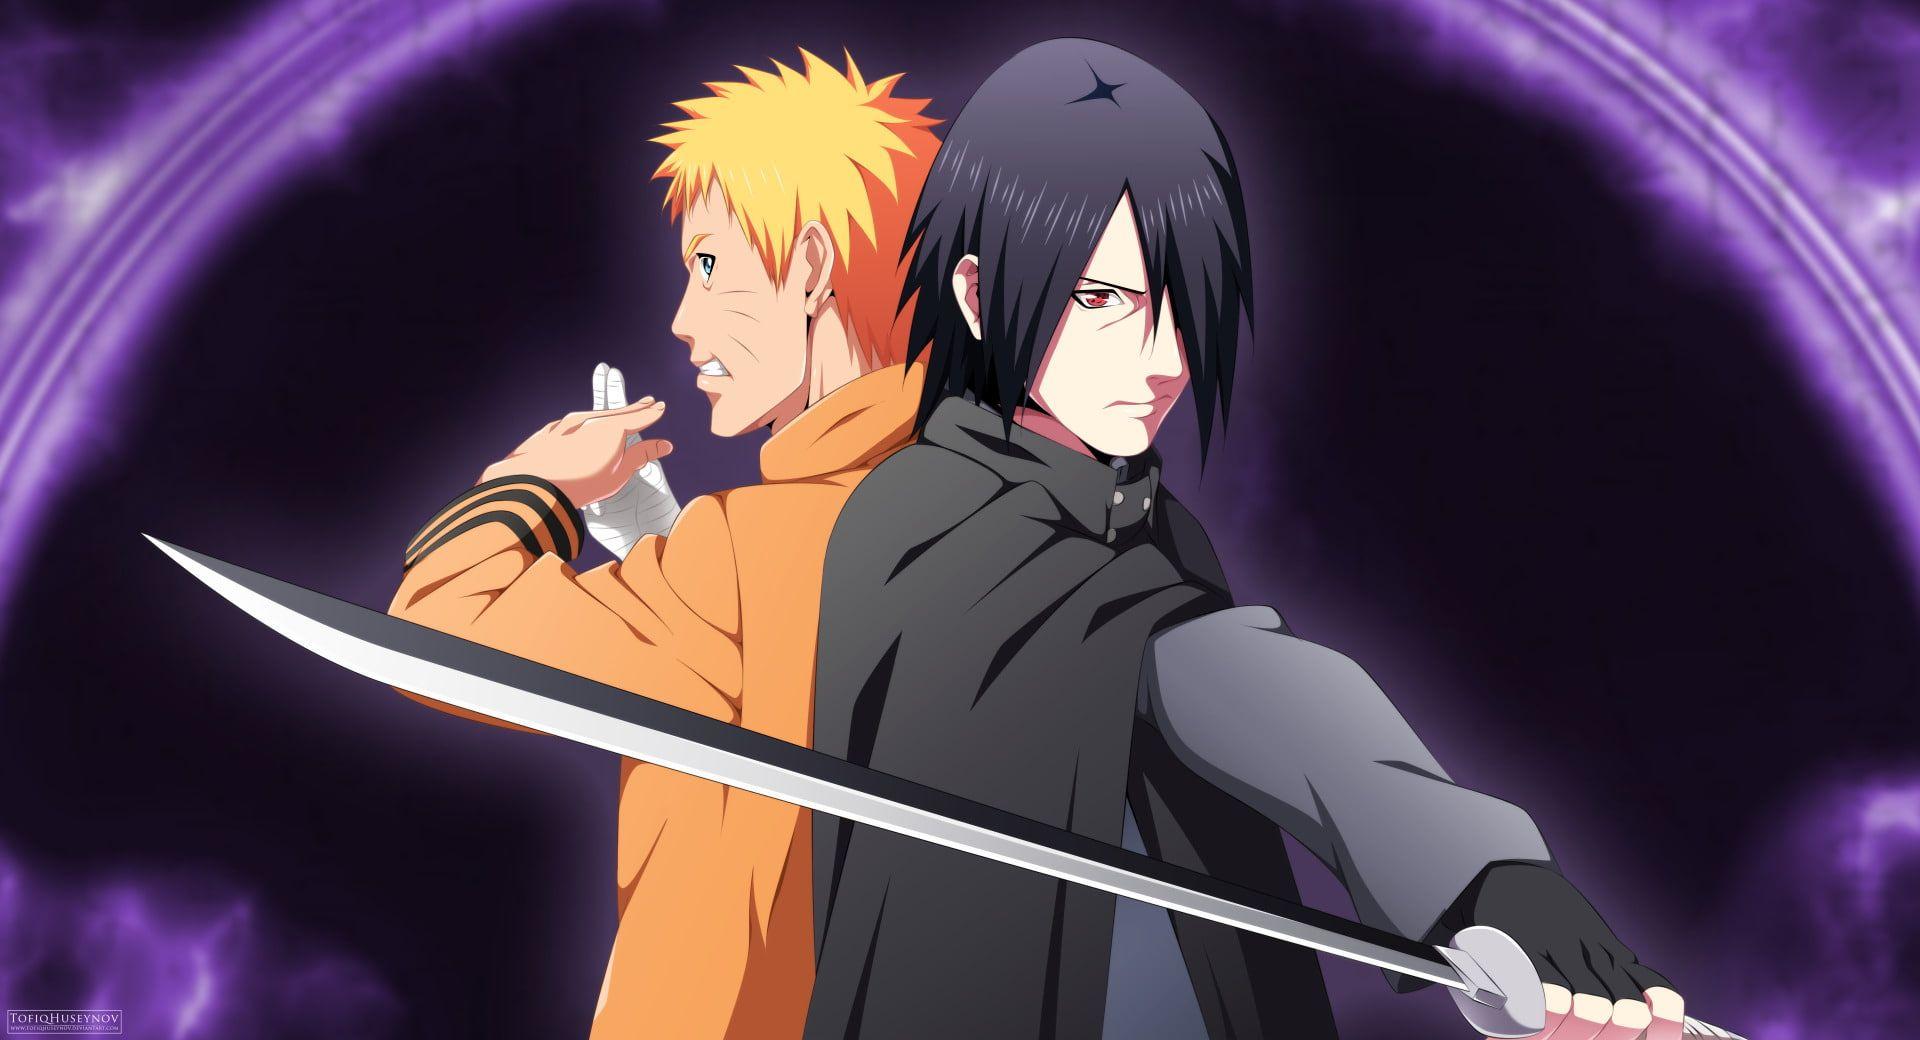 Anime Boruto Naruto Uzumaki Sasuke Uchiha 1080p Wallpaper